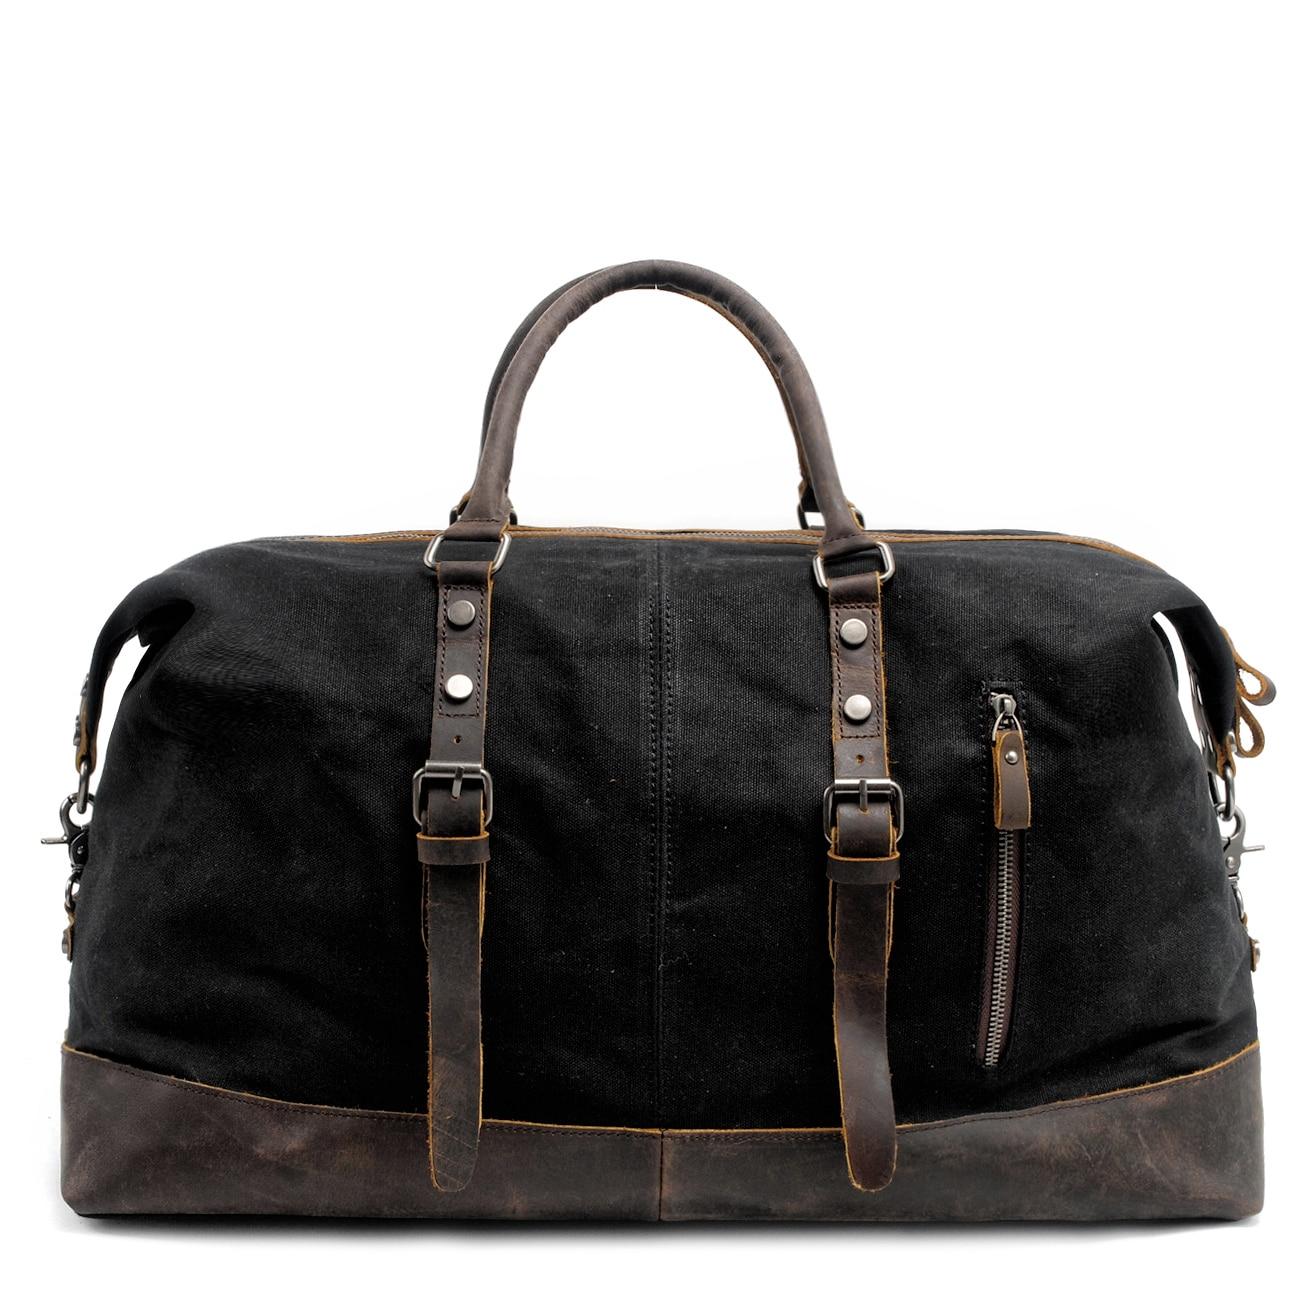 Новые модные повседневные мужские дорожные сумки, ручной чемодан, холщовые Кожаные Дорожные вещевые сумки, вместительные сумки на плечо